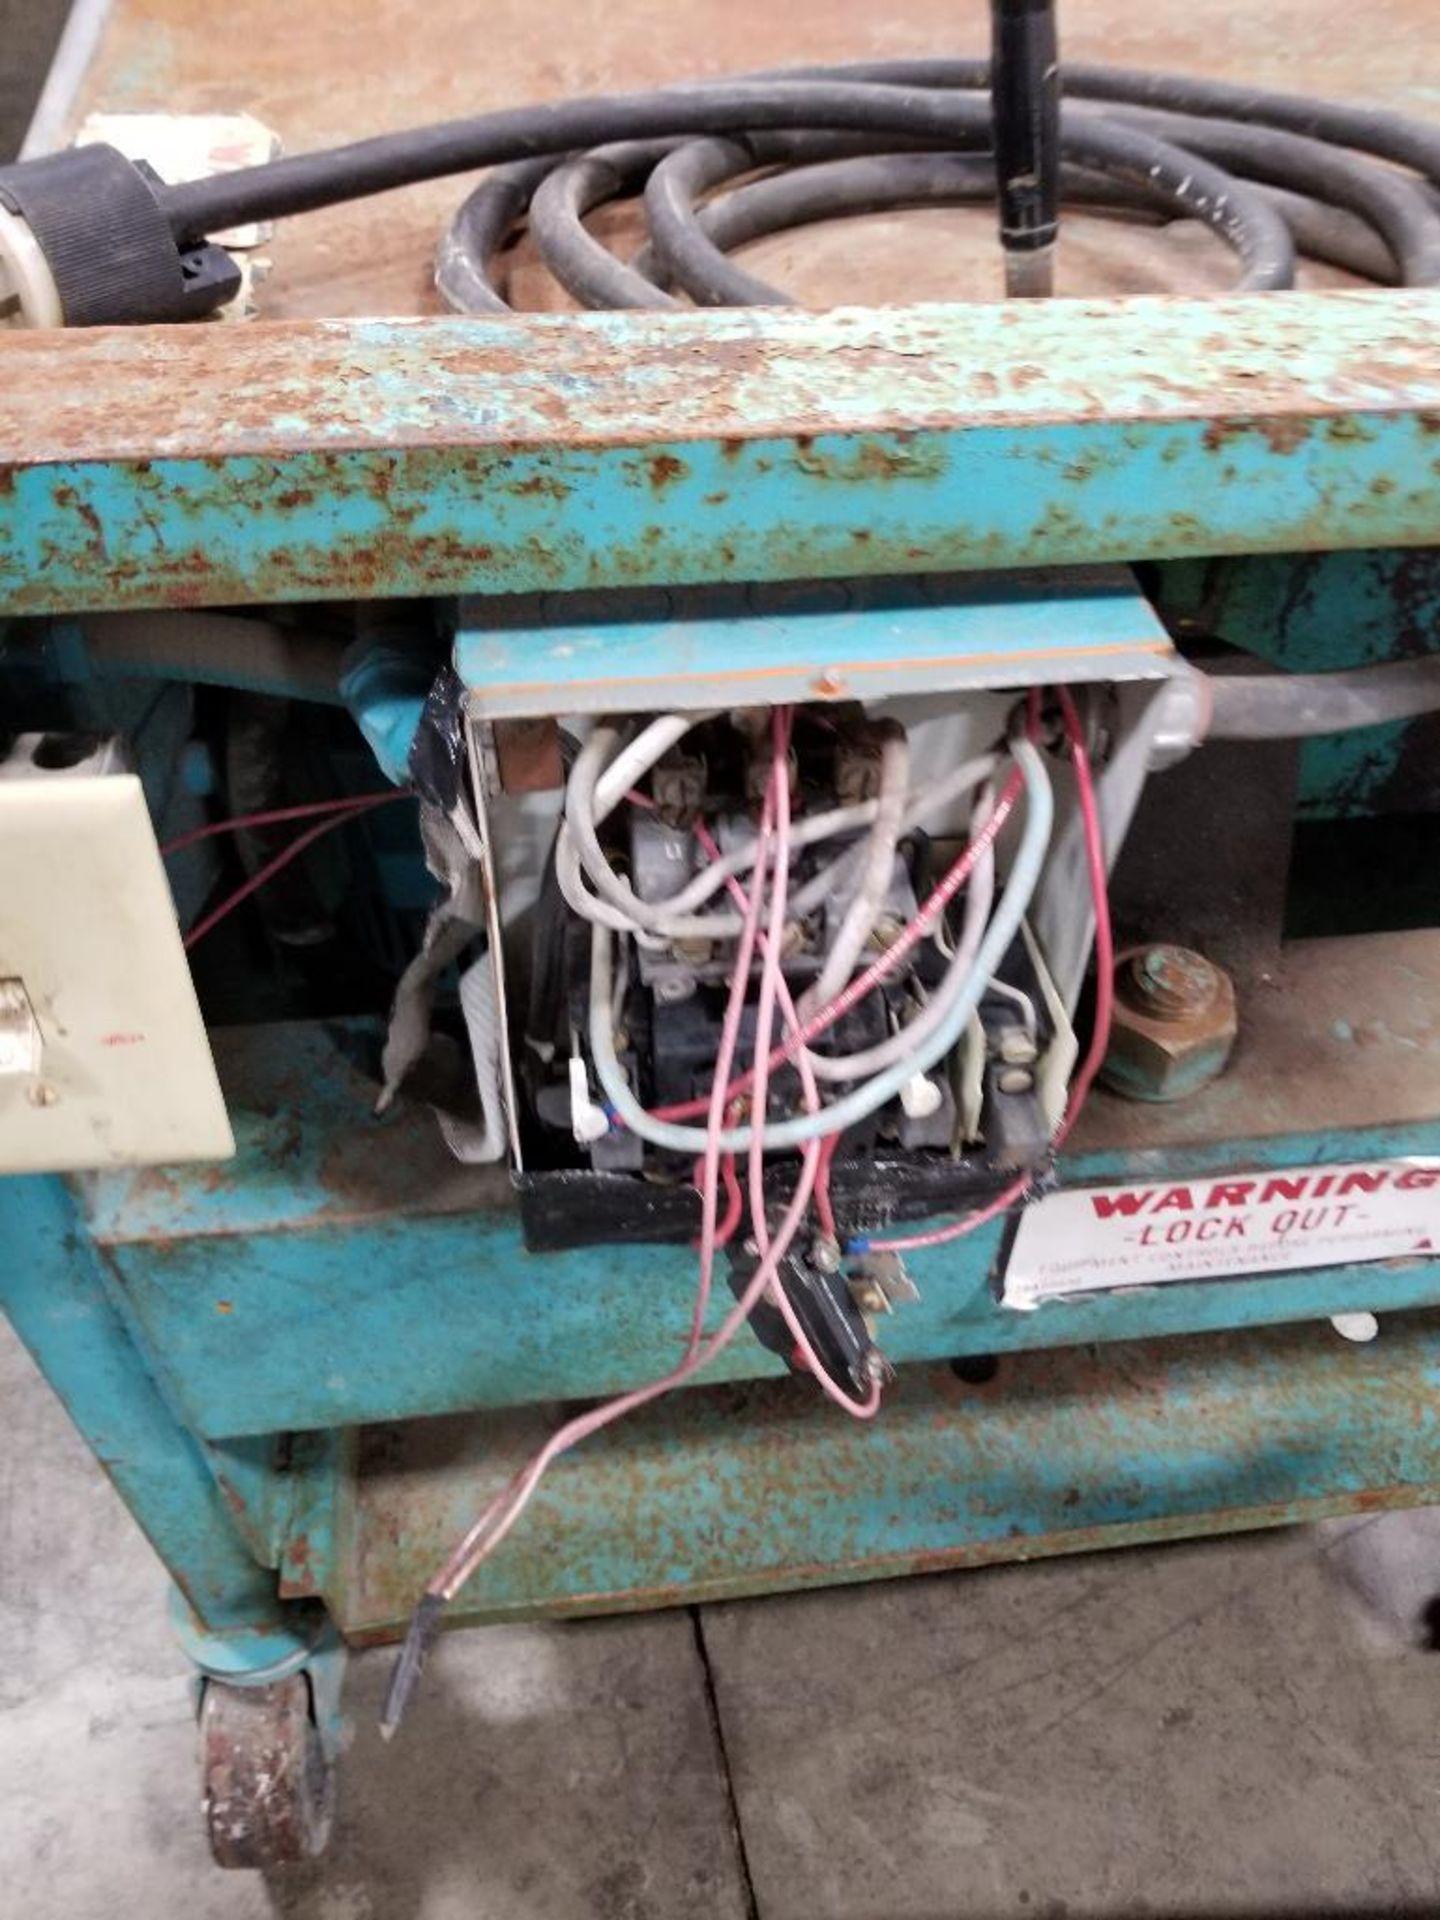 Balemaster baling machine. Model 142-0. - Image 6 of 16